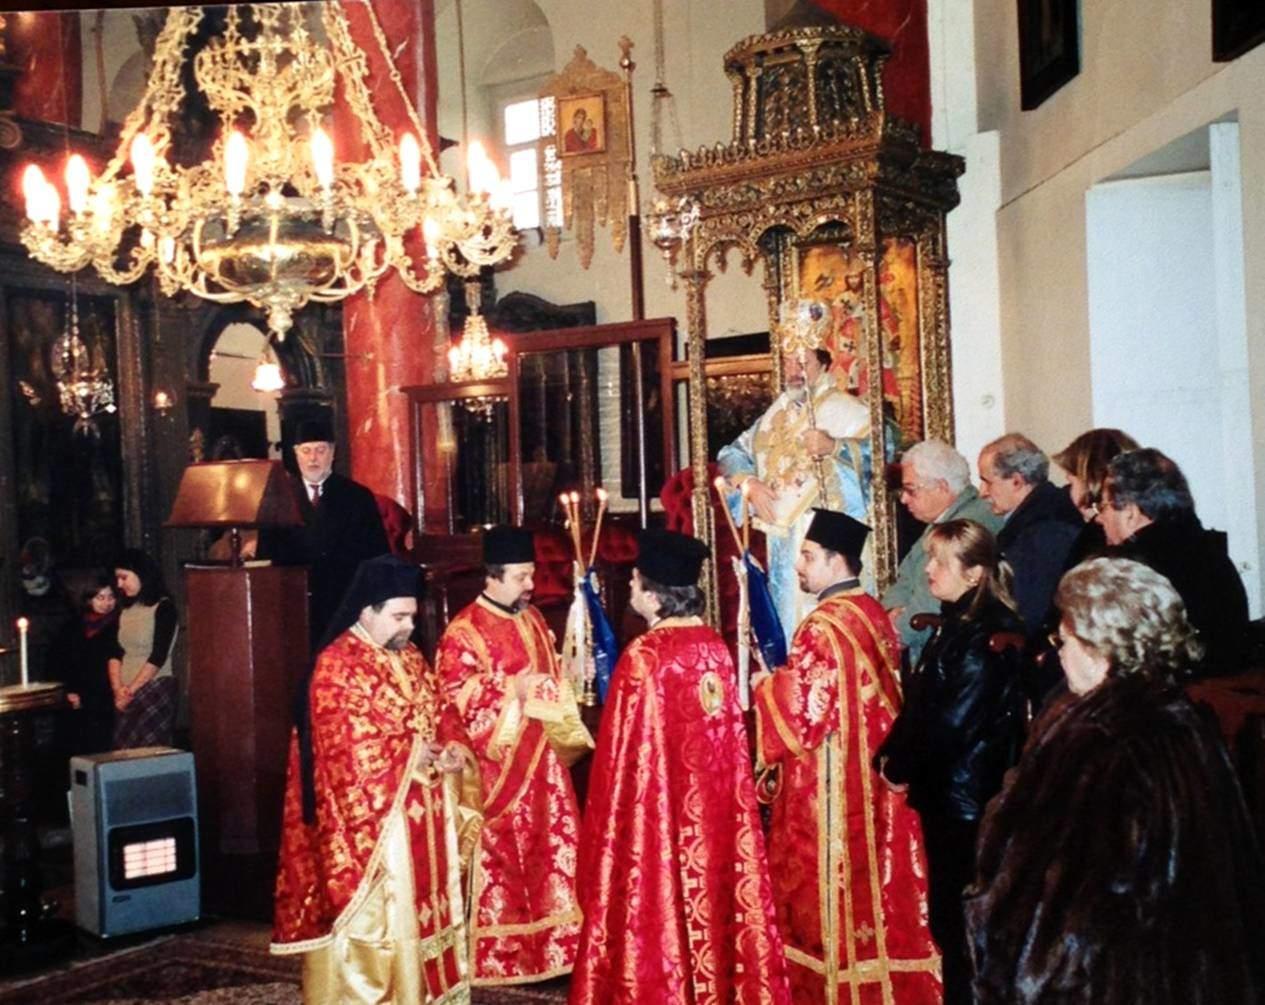 6 Ocak 2002 tarihindeki Fota Töreni'nden önce Çengelköy Rum Ortodoks Aya Yorgi Kilisesi'ndeki ayin.